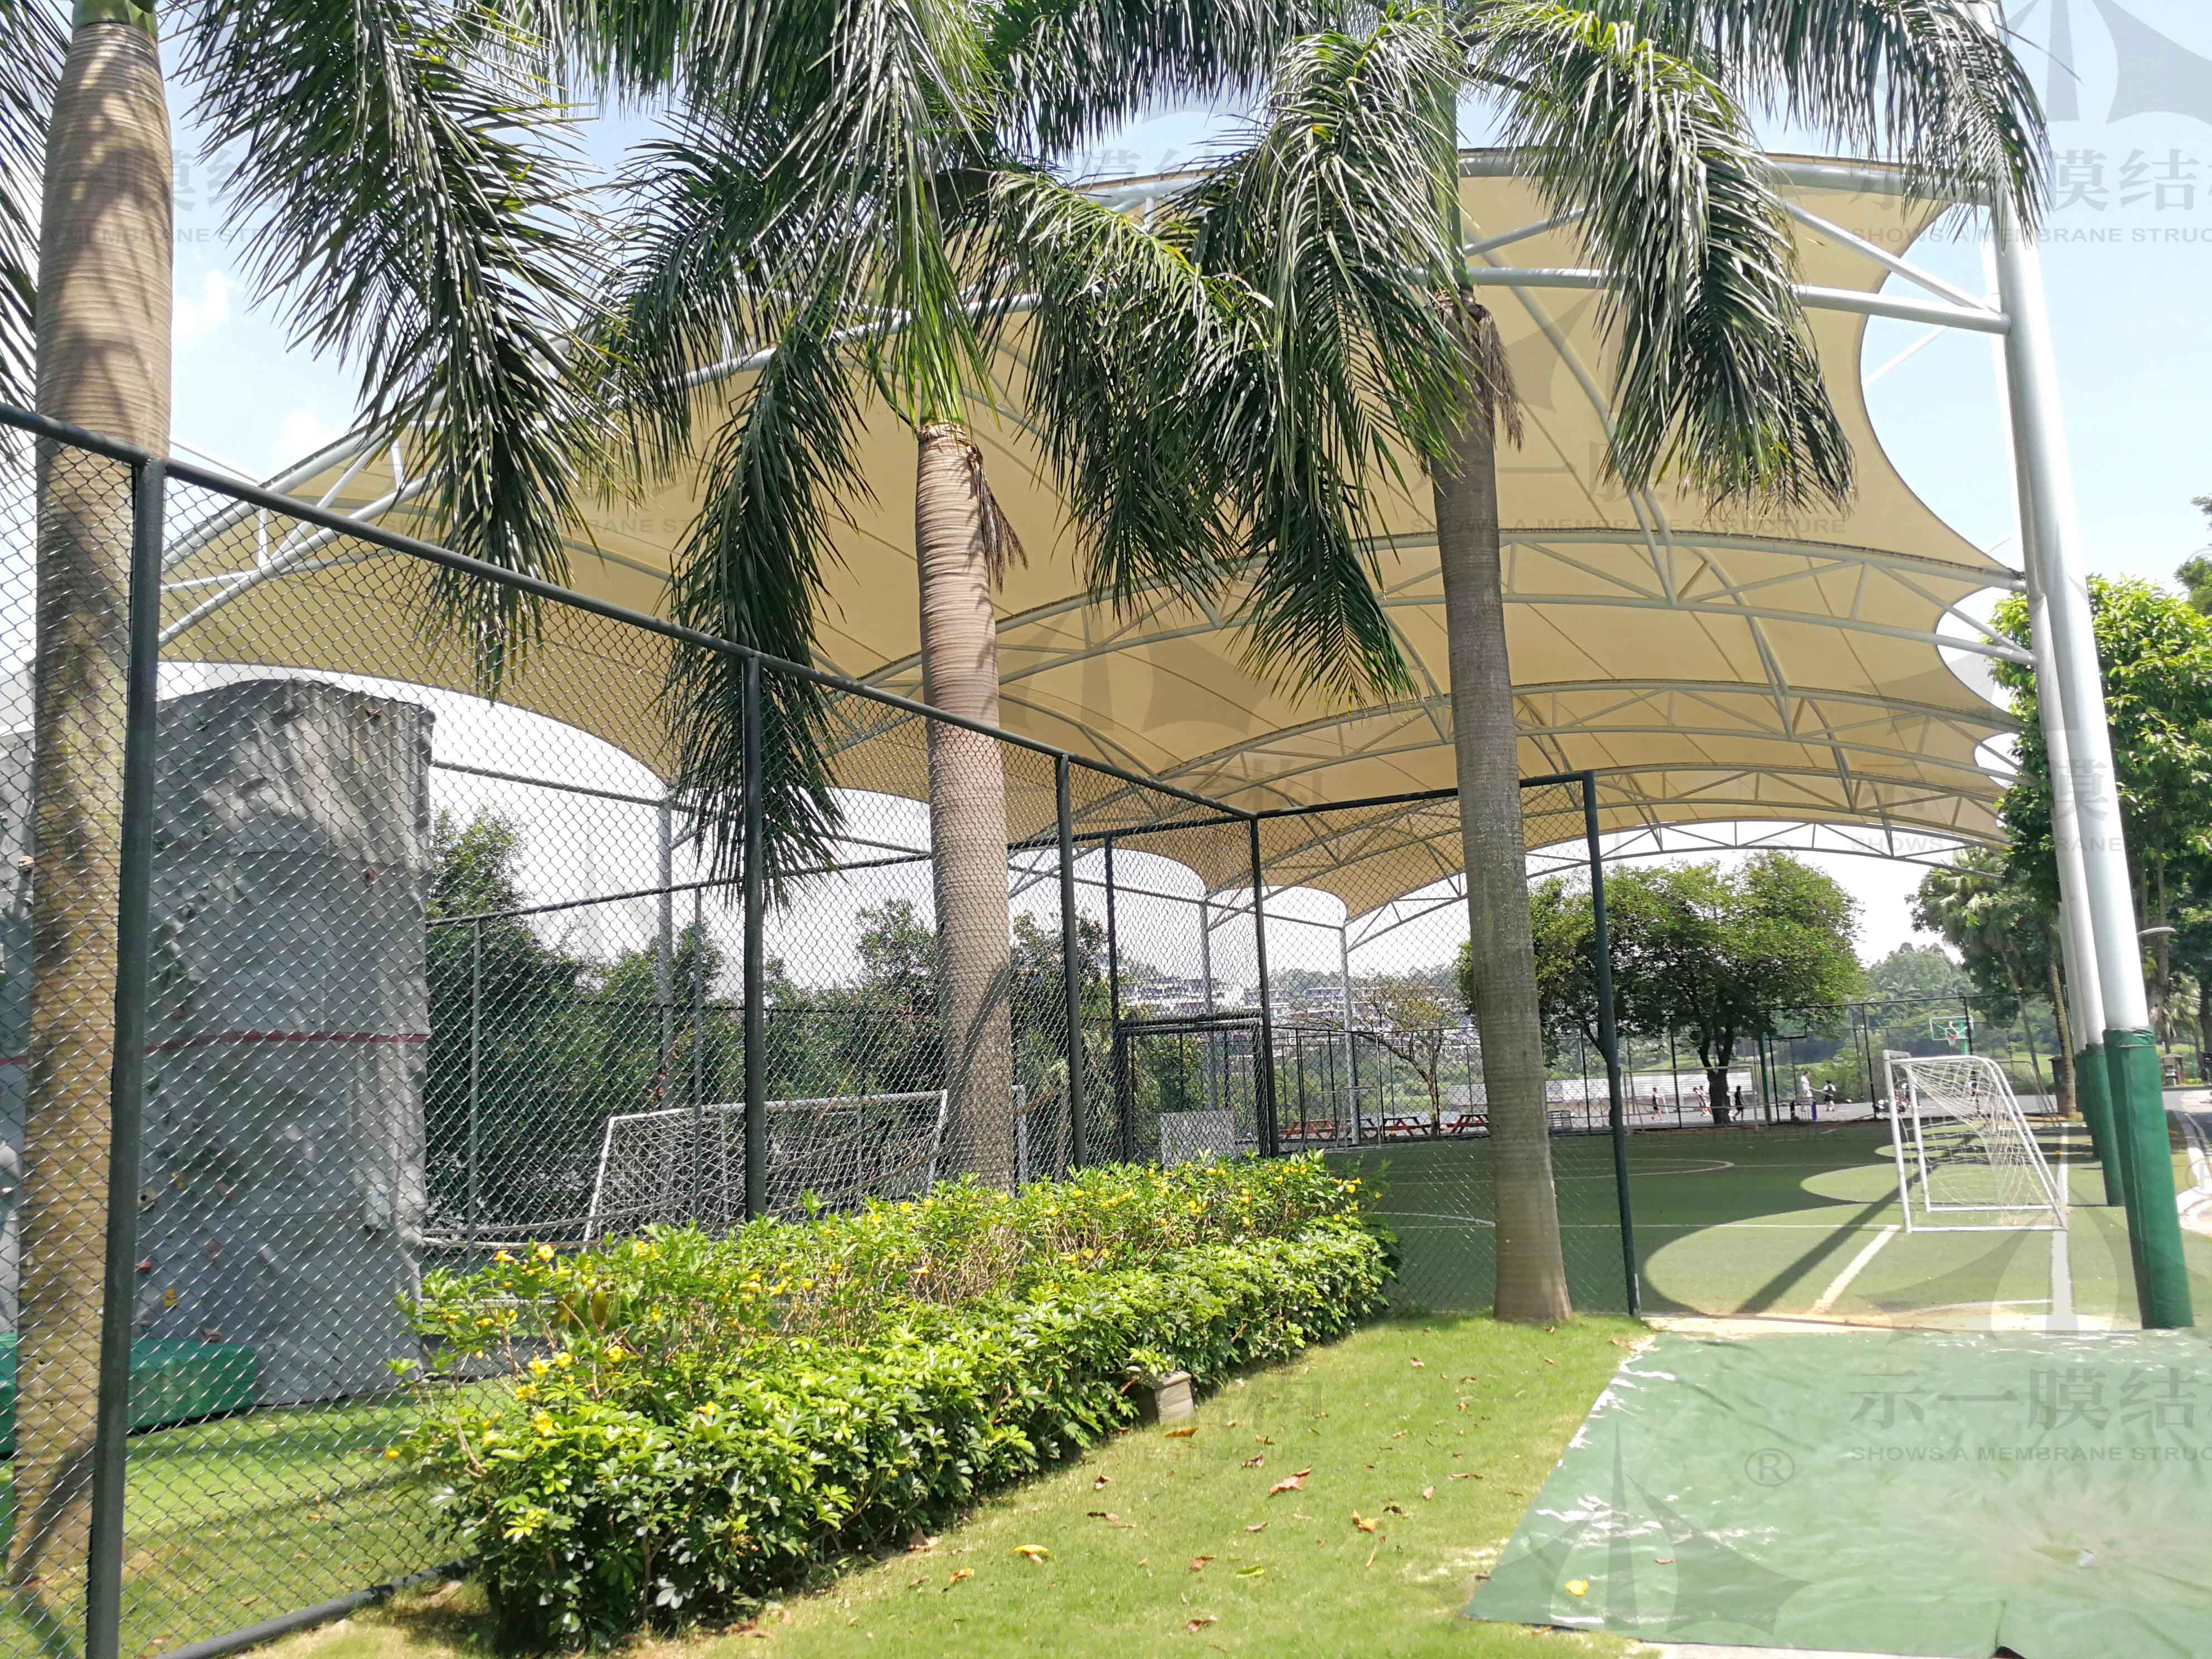 上海示一膜结构广州英国学校足球场膜结构遮阳棚